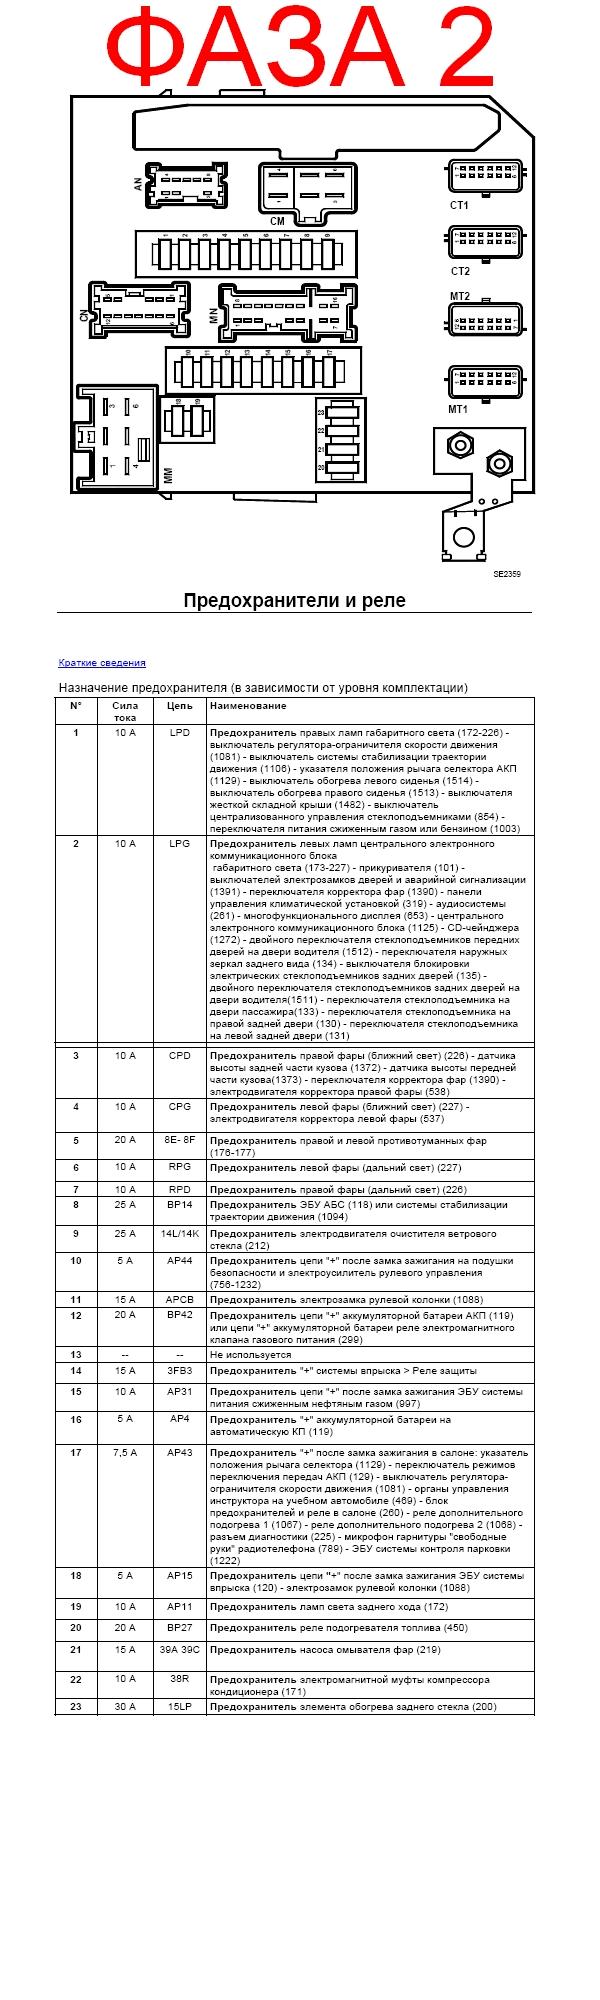 Схема расположения и назначения предохранителей для фазы 2